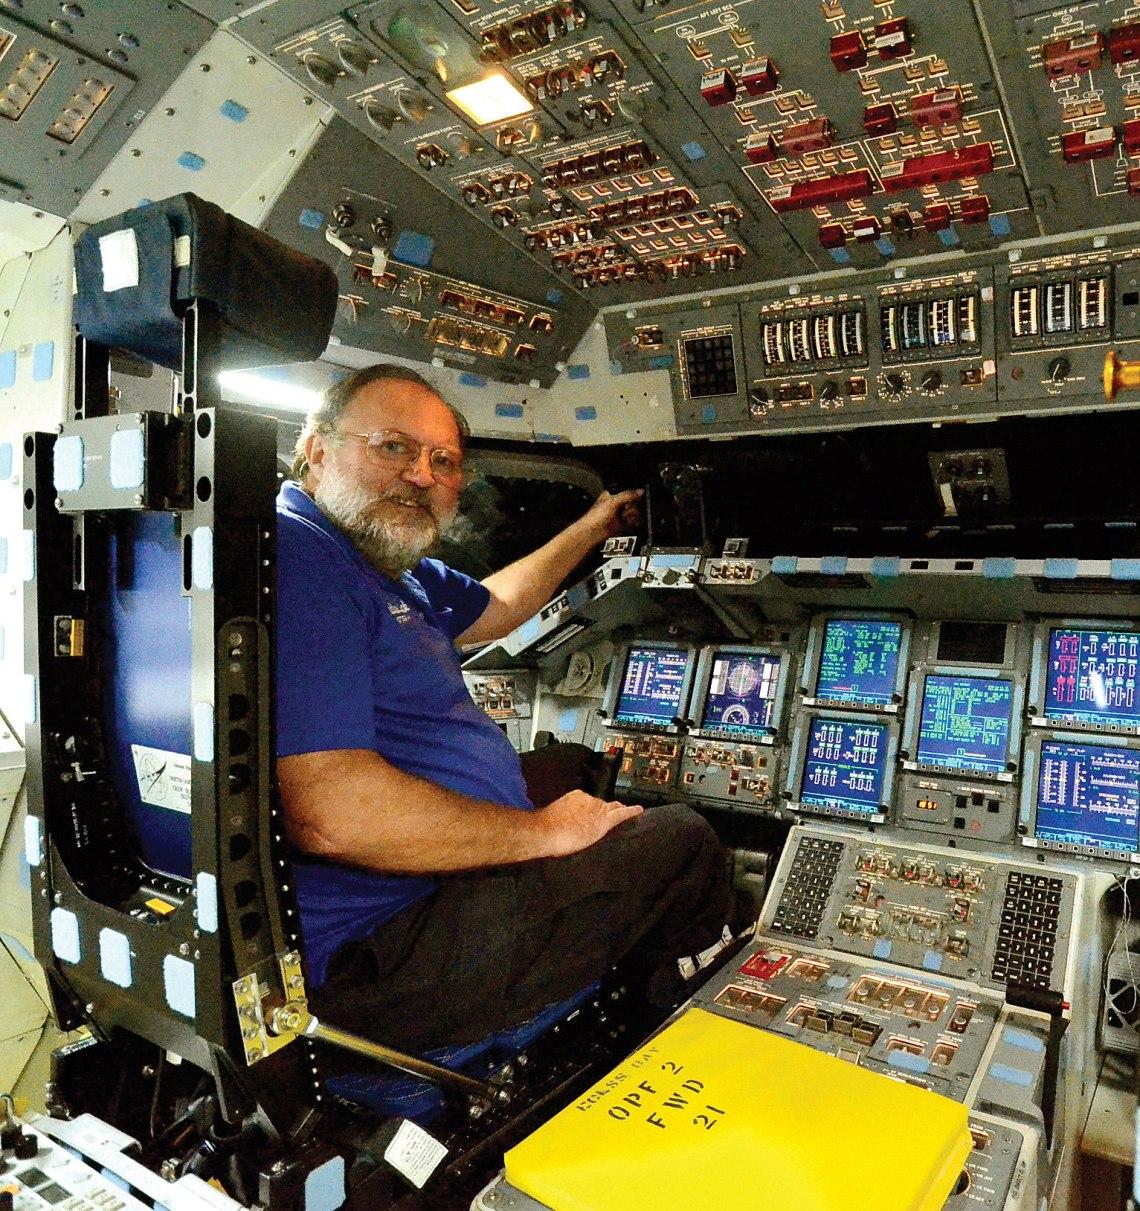 Julian sits on Endeavour's flight deck. Credit: Julian Leek